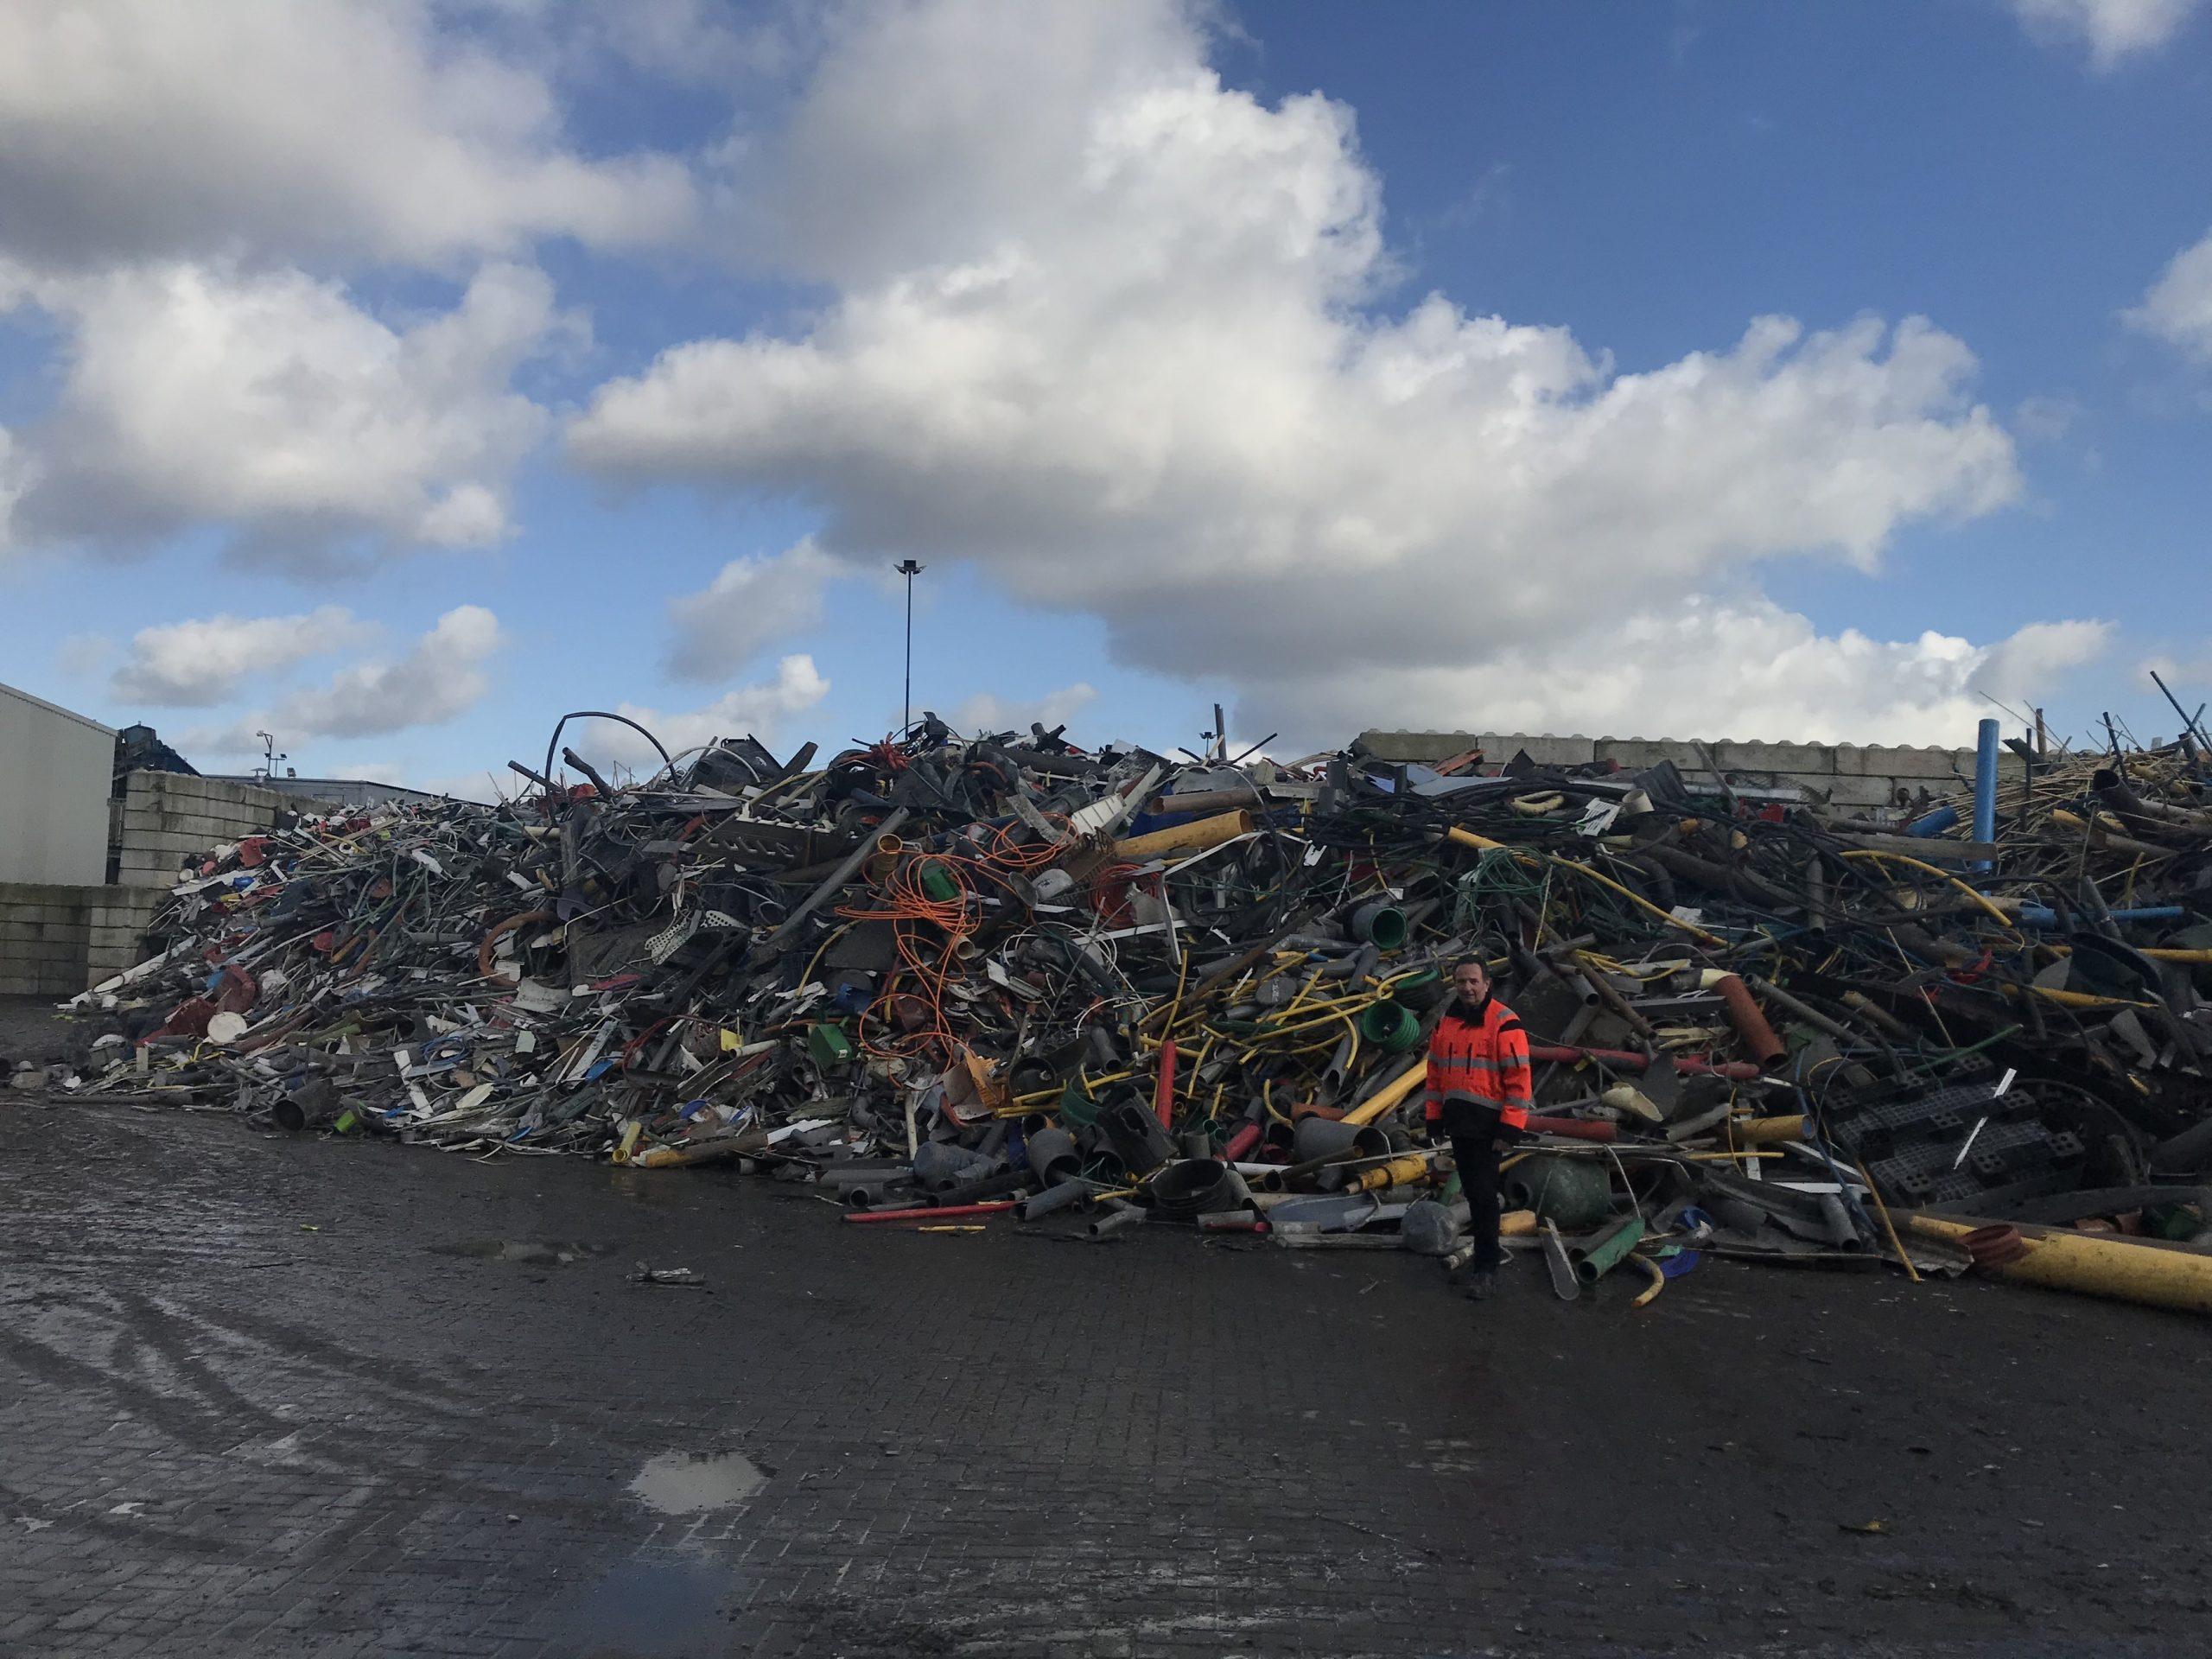 Van Werven Recycling